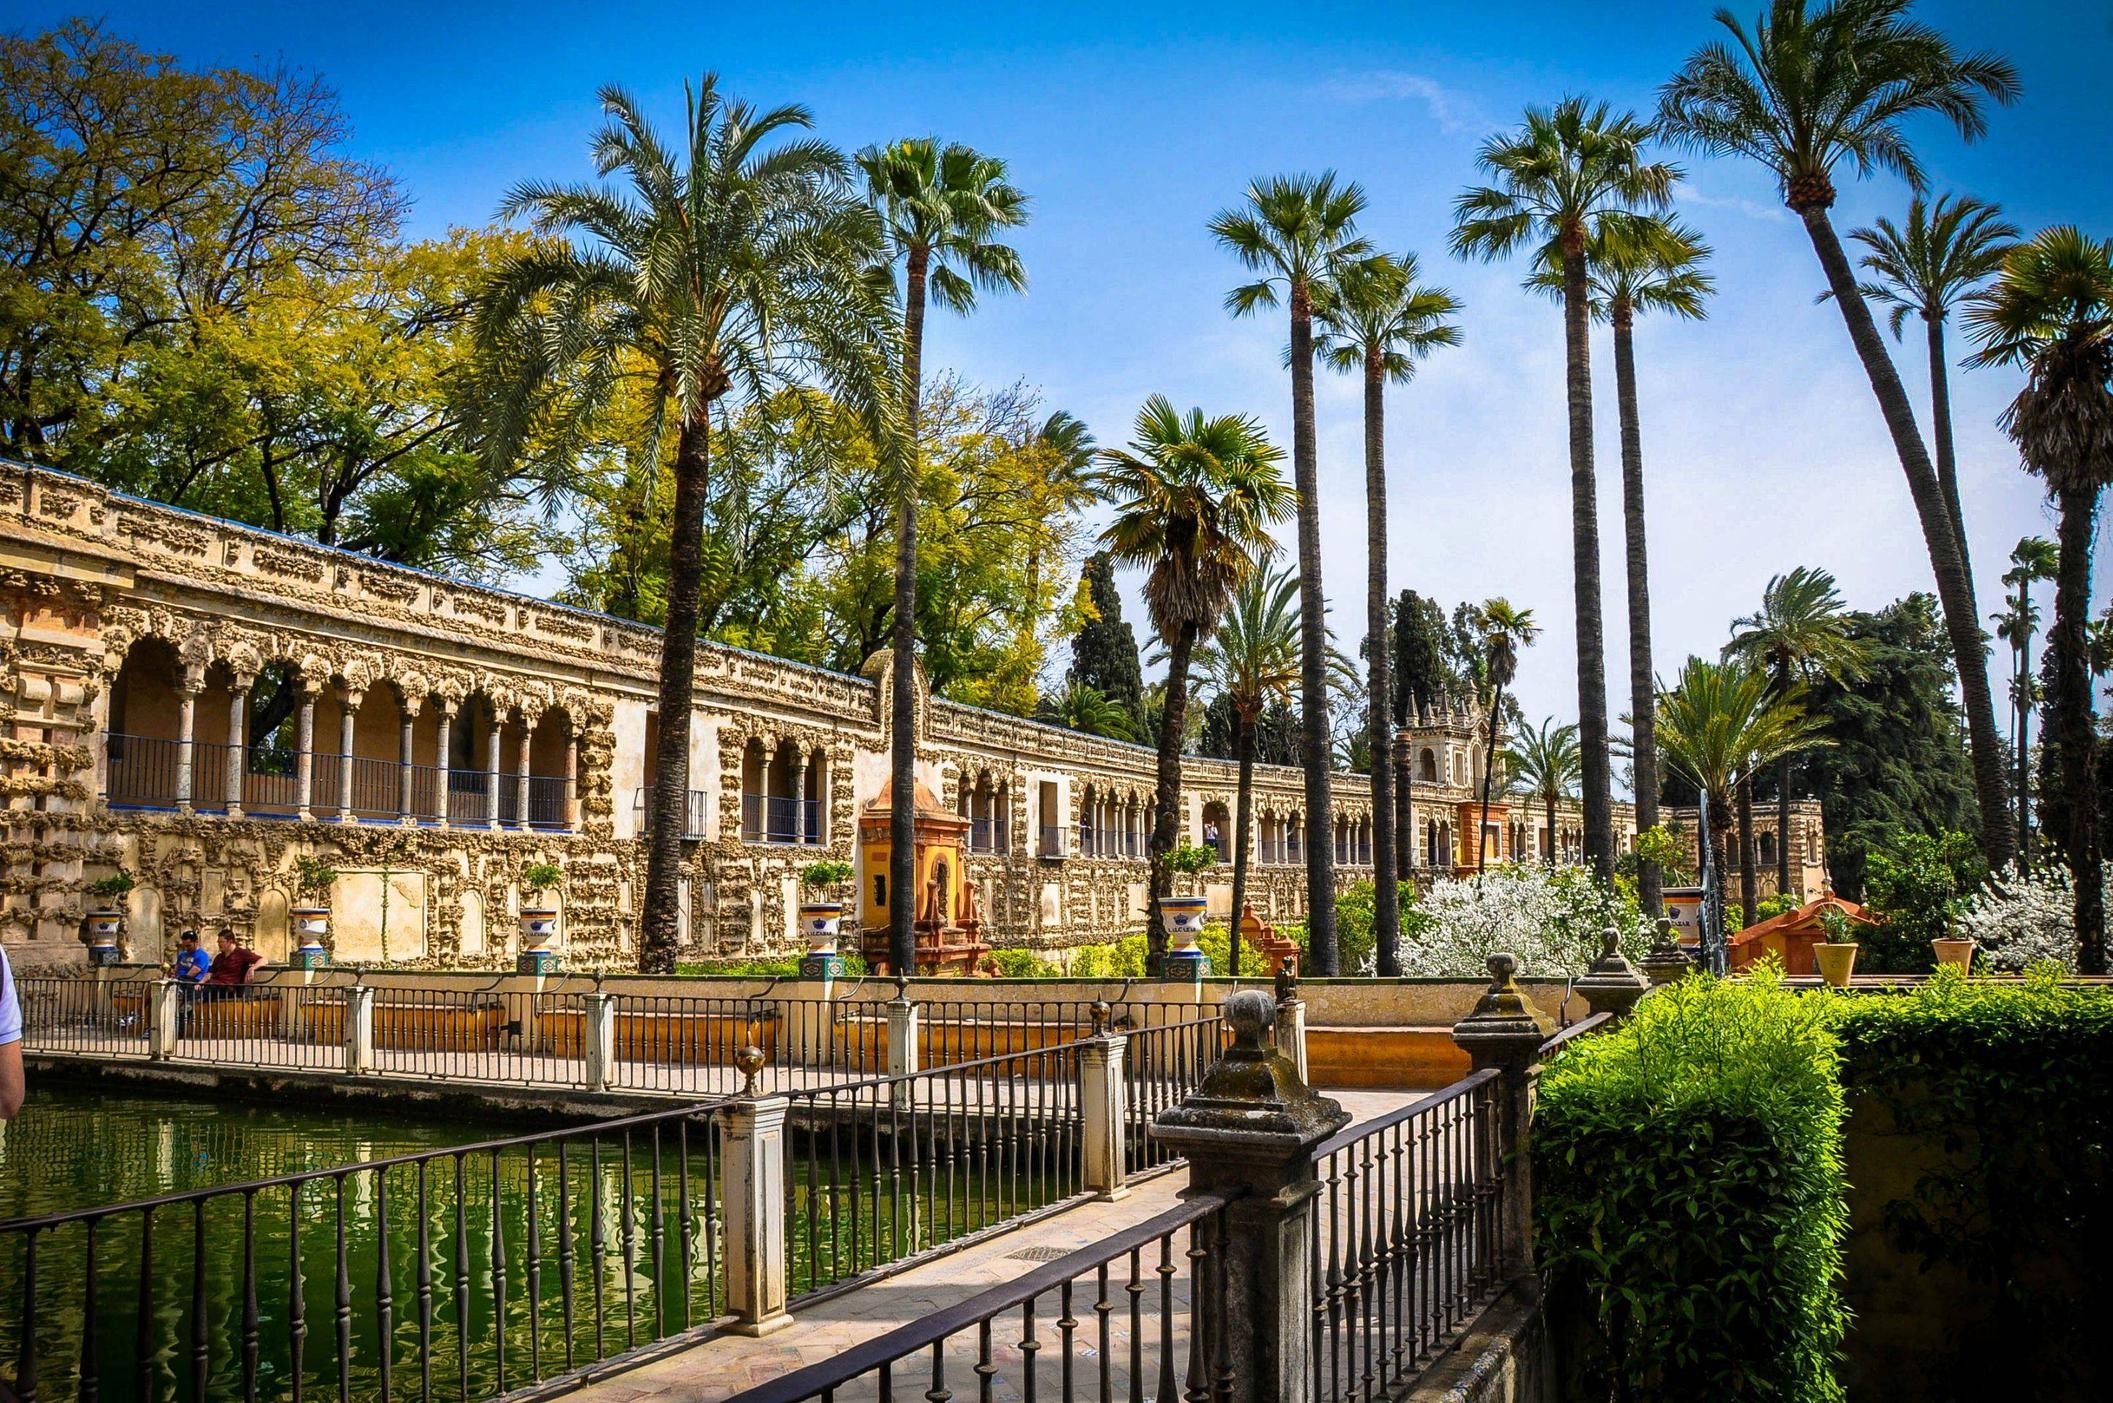 alcazare-palace-cordoba-spain-andalucia